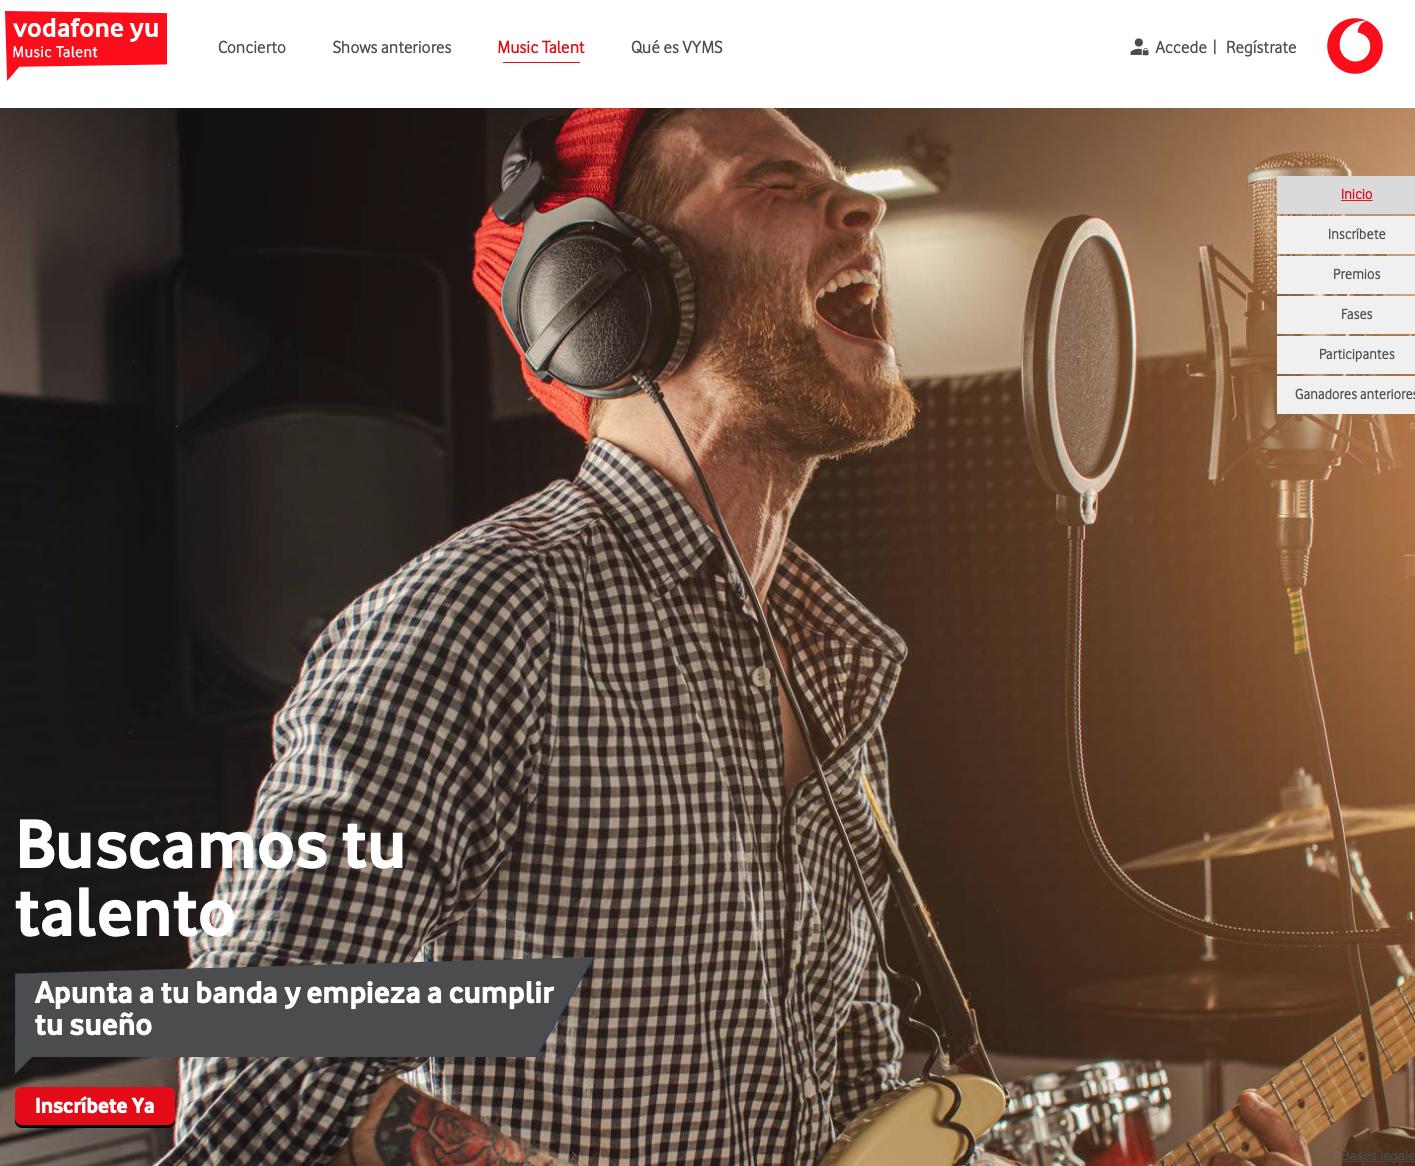 Abierta la inscripción para Vodafone yu Music Talent